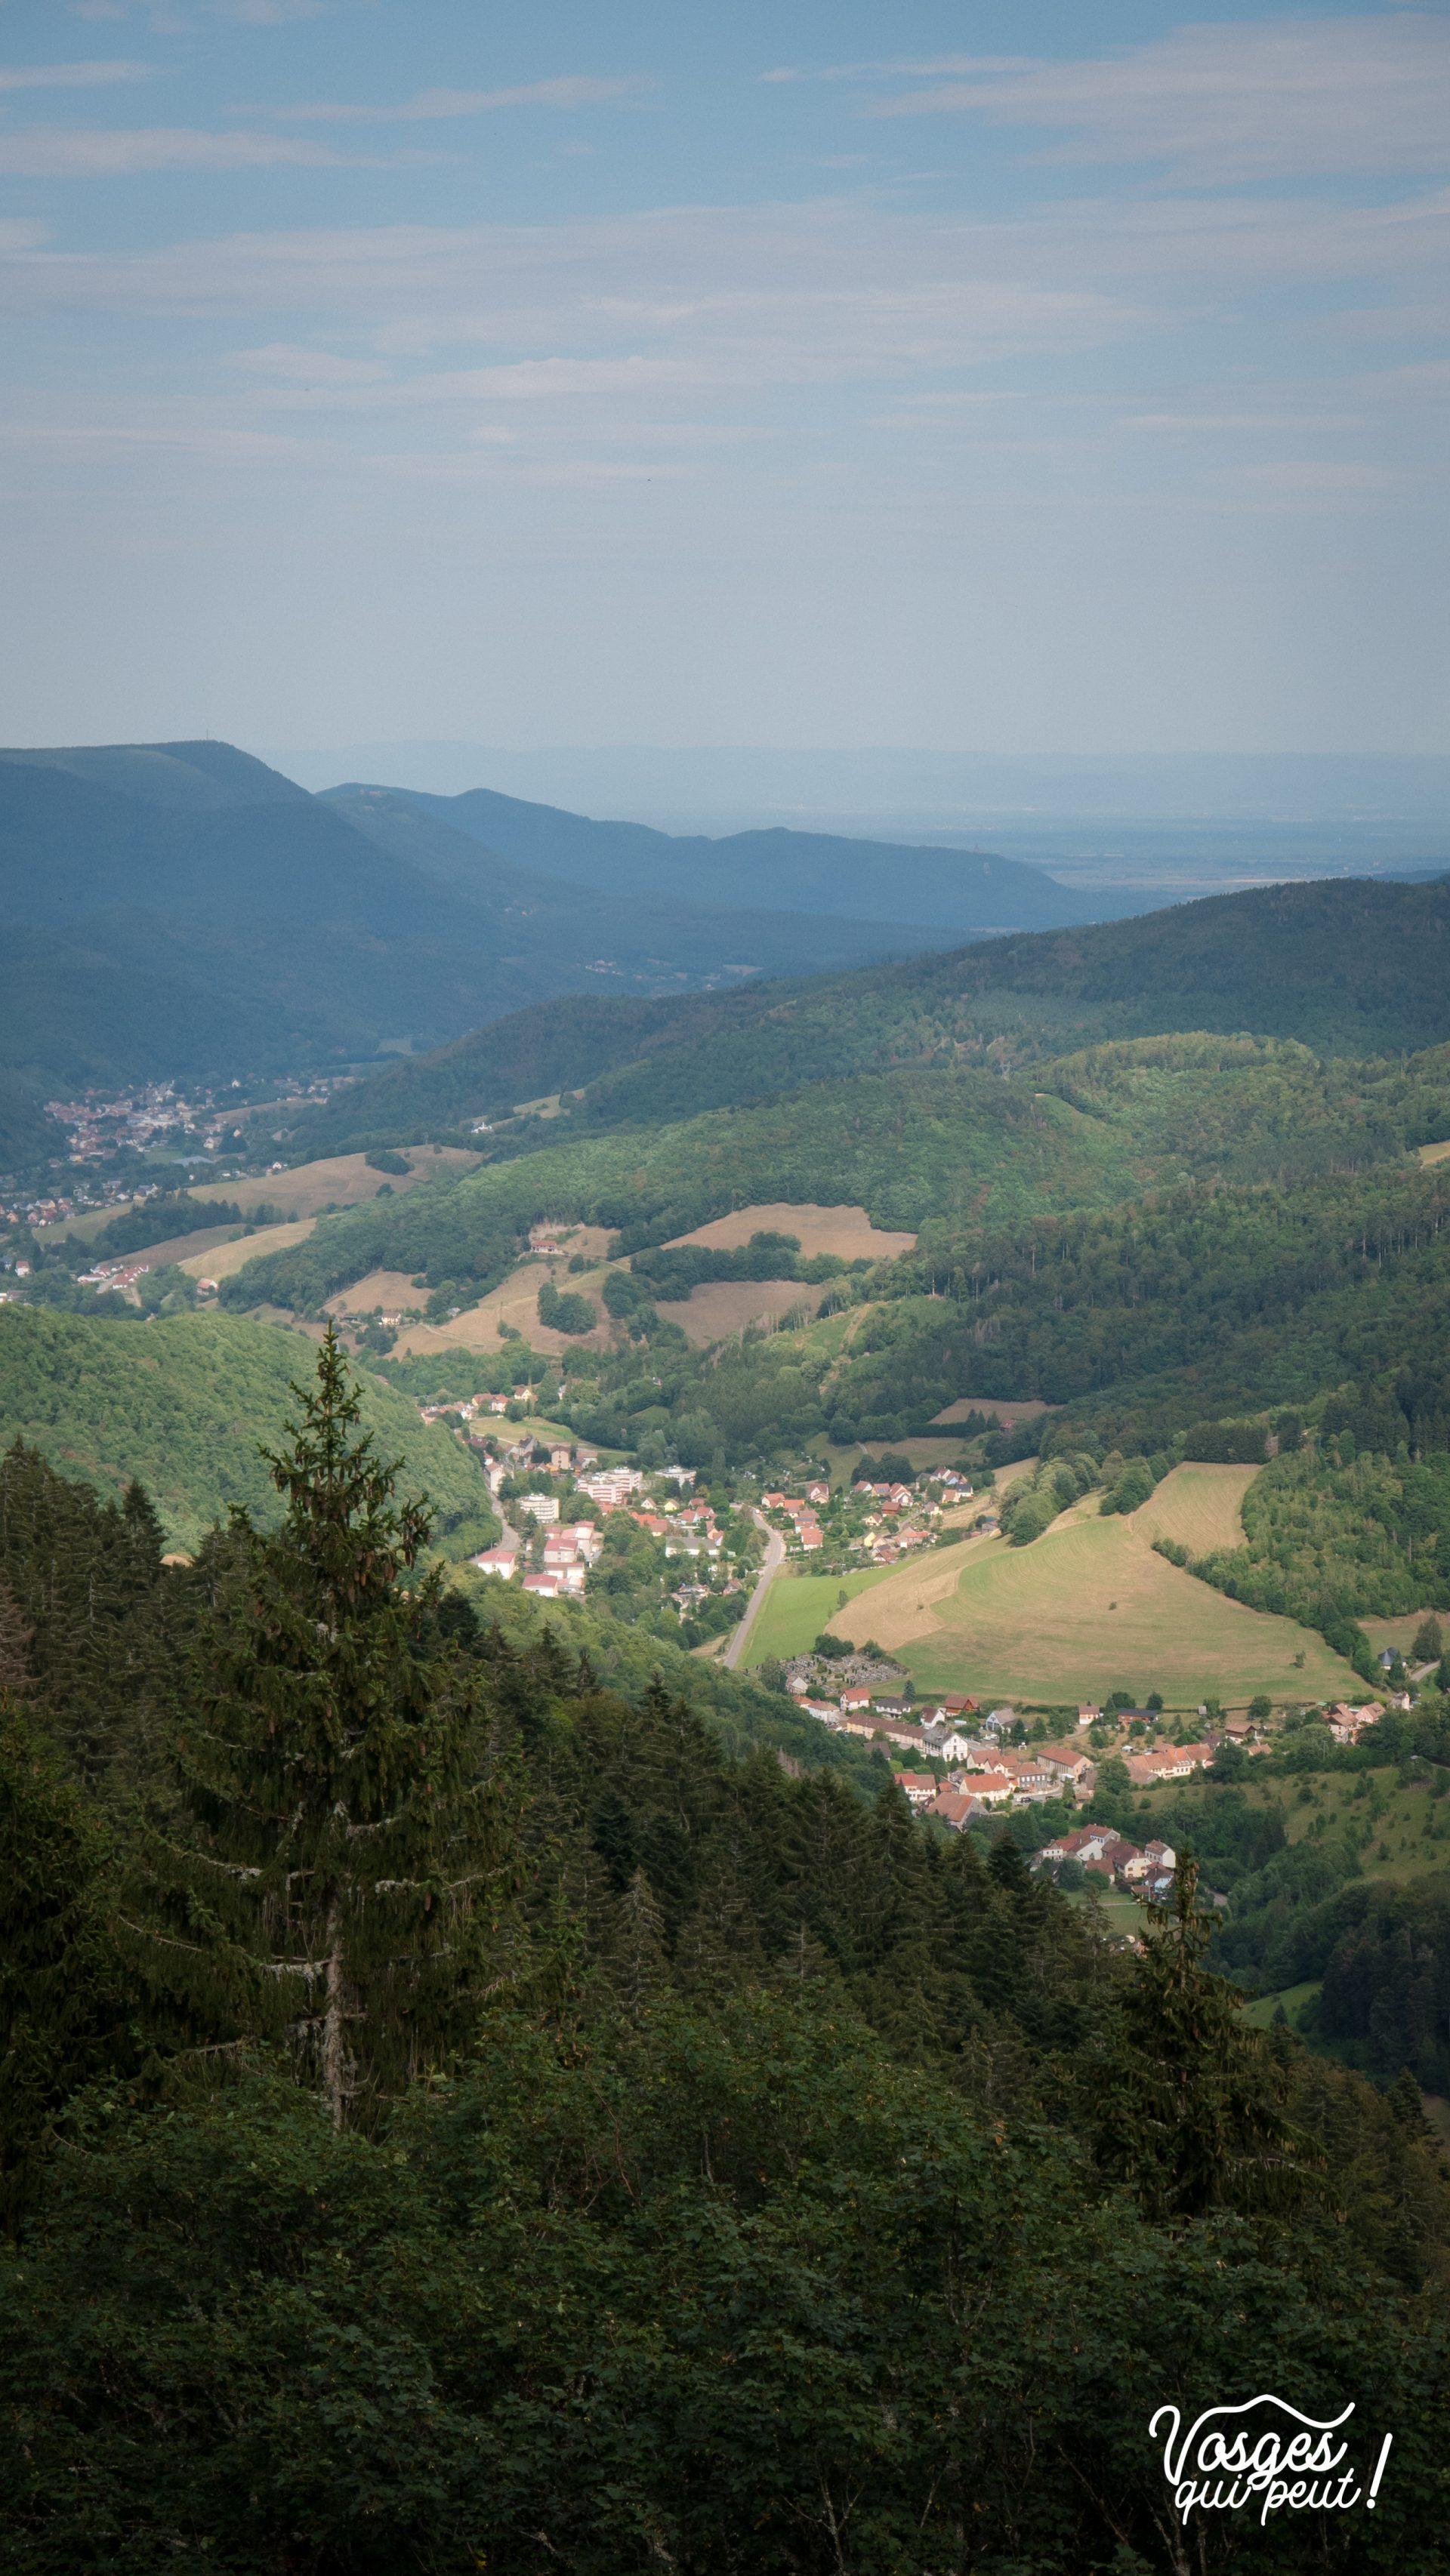 Vue sur la vallée de Sainte-Marie-aux-Mines depuis le sentier des Abris